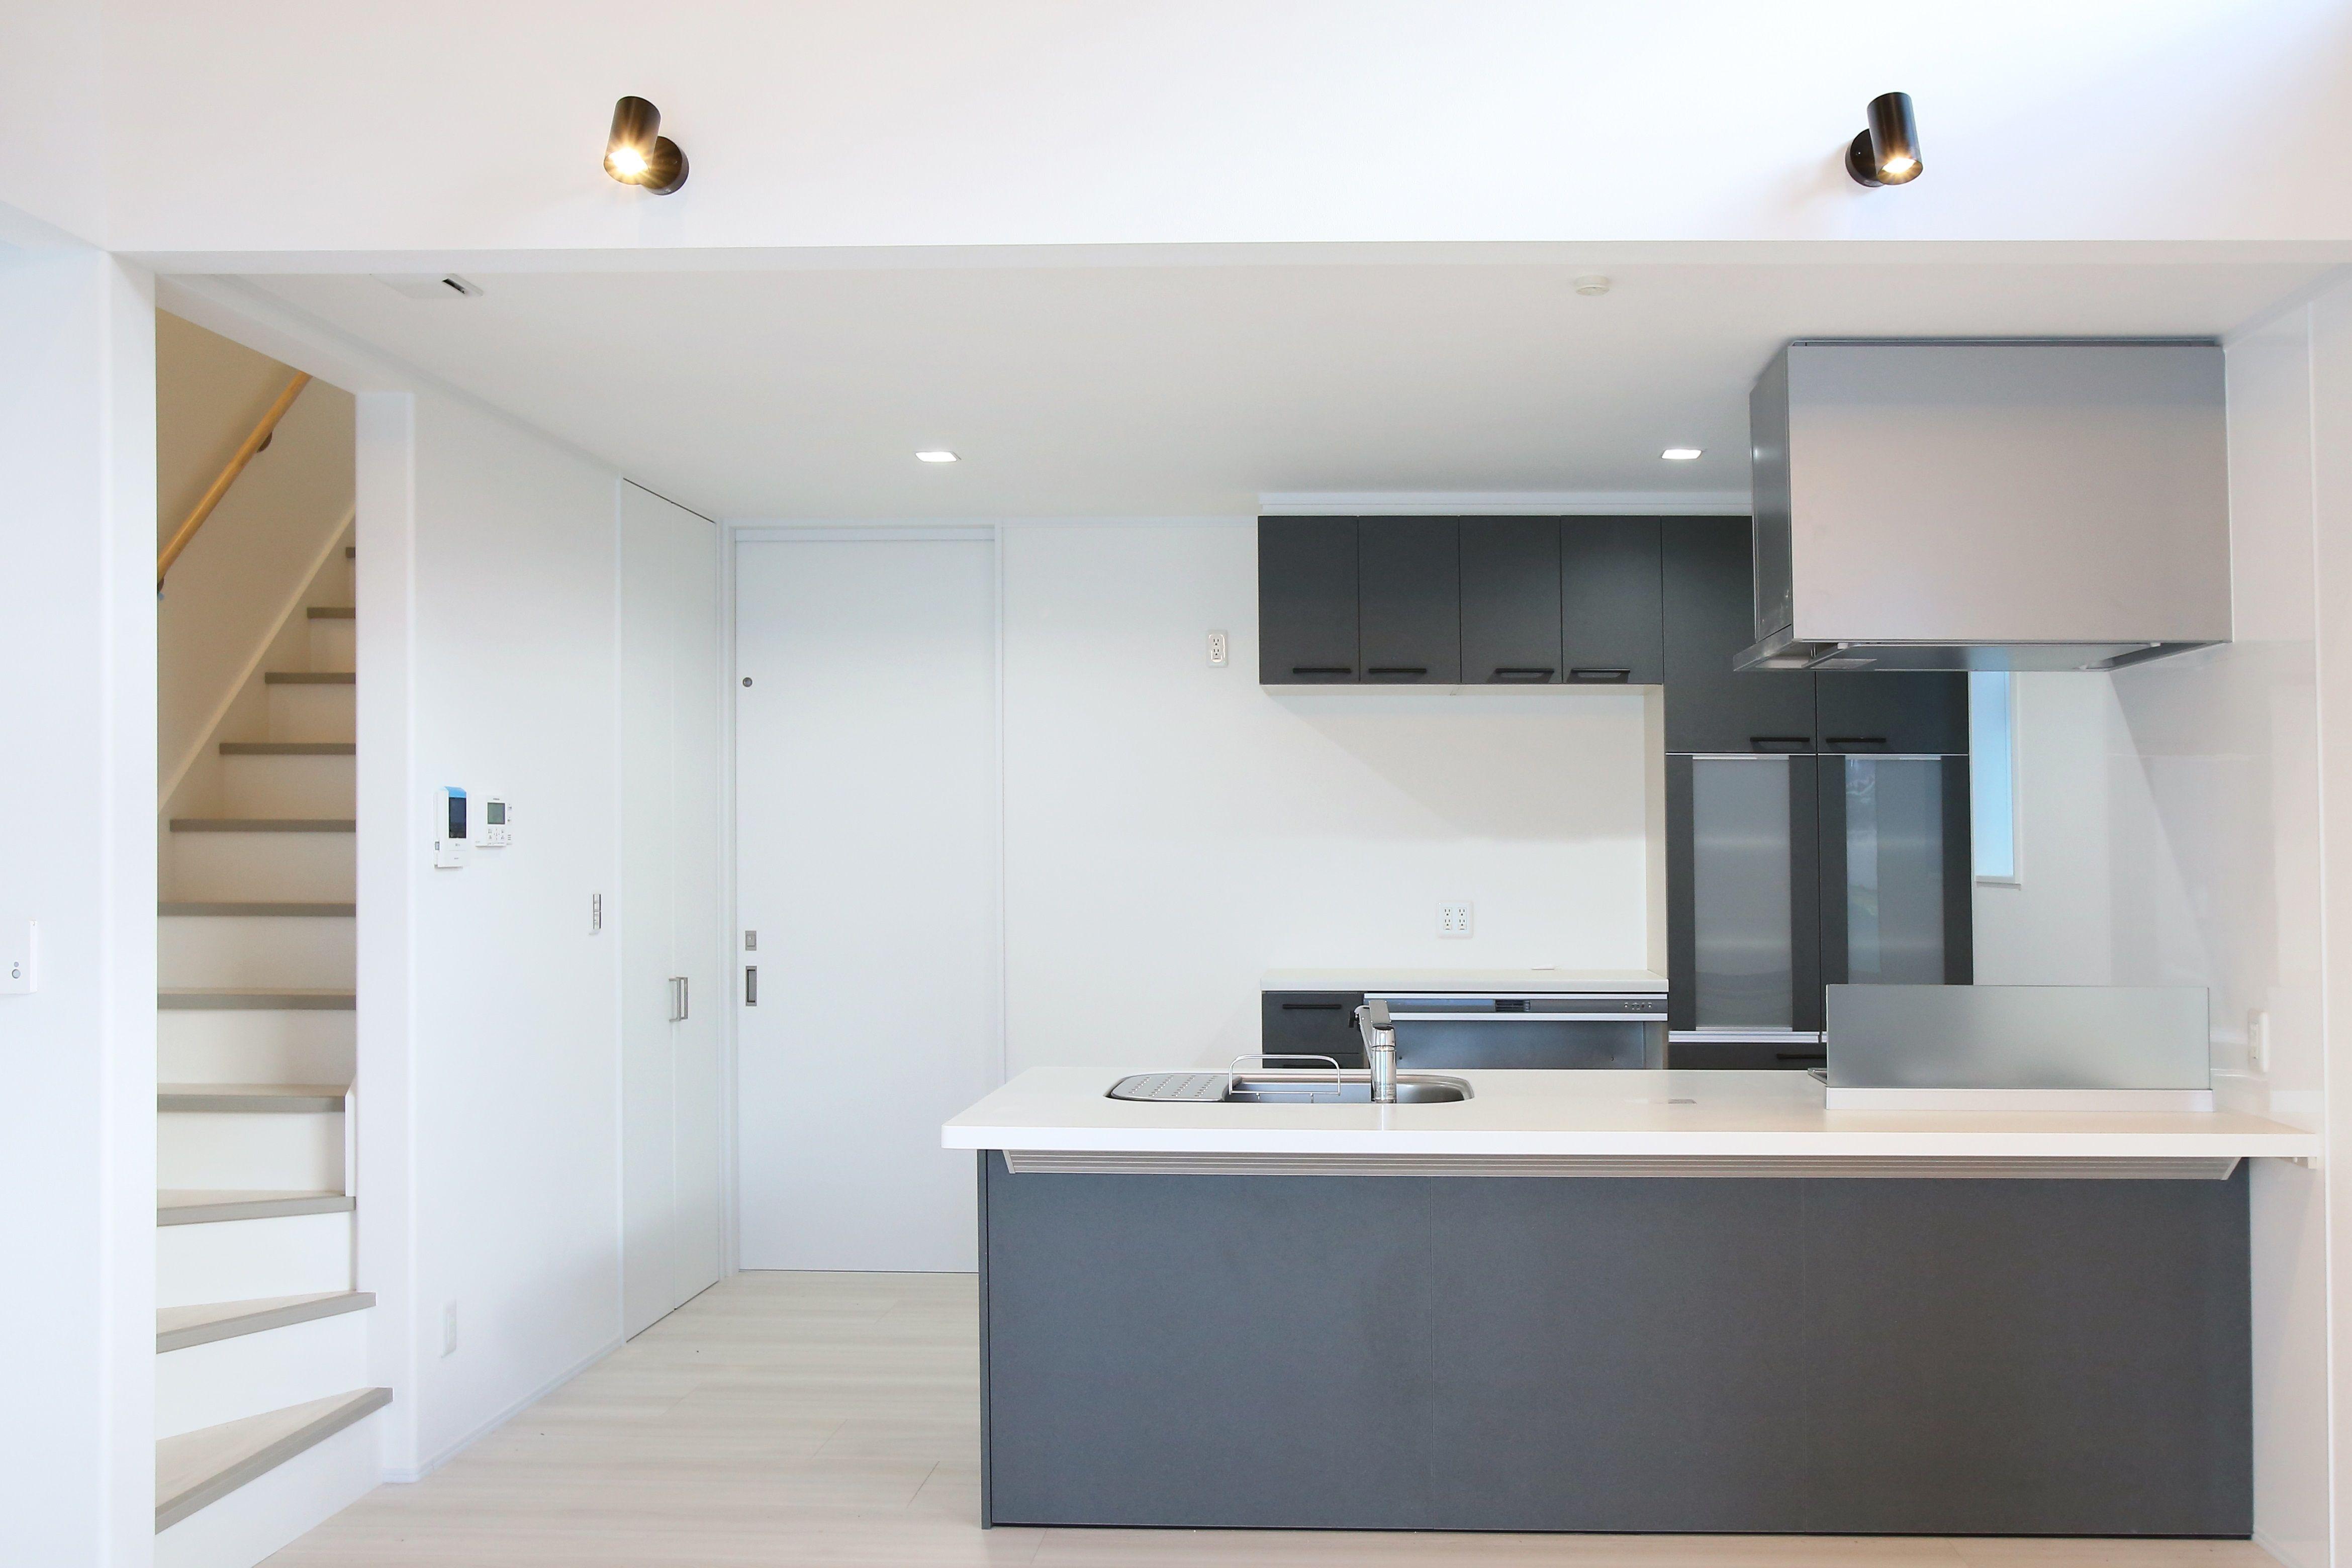 白基調のldkにグレーのキッチンが映えますね 建築実例 キッチン